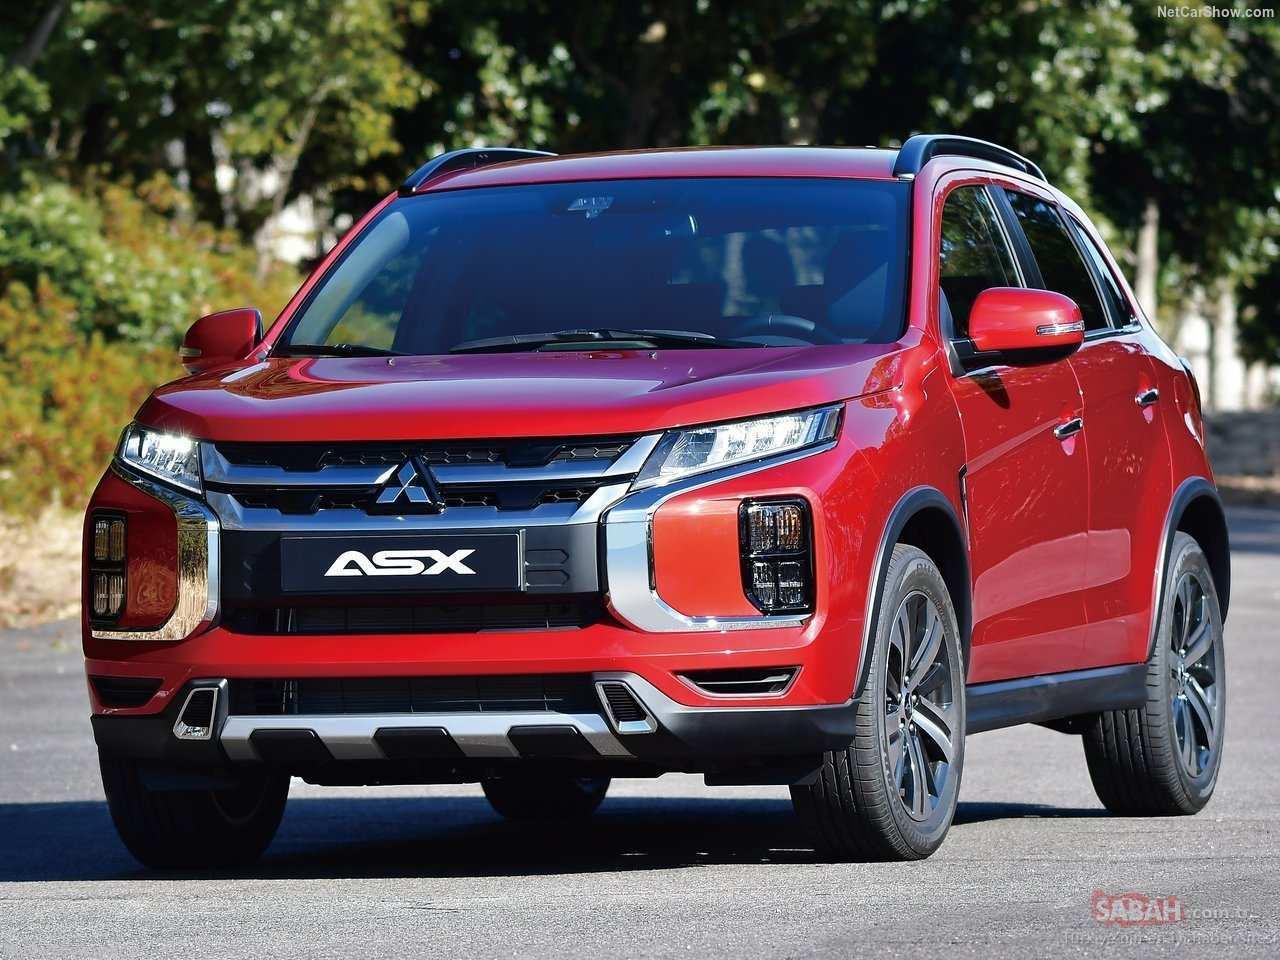 19 The Mitsubishi Suv 2020 Speed Test with Mitsubishi Suv 2020